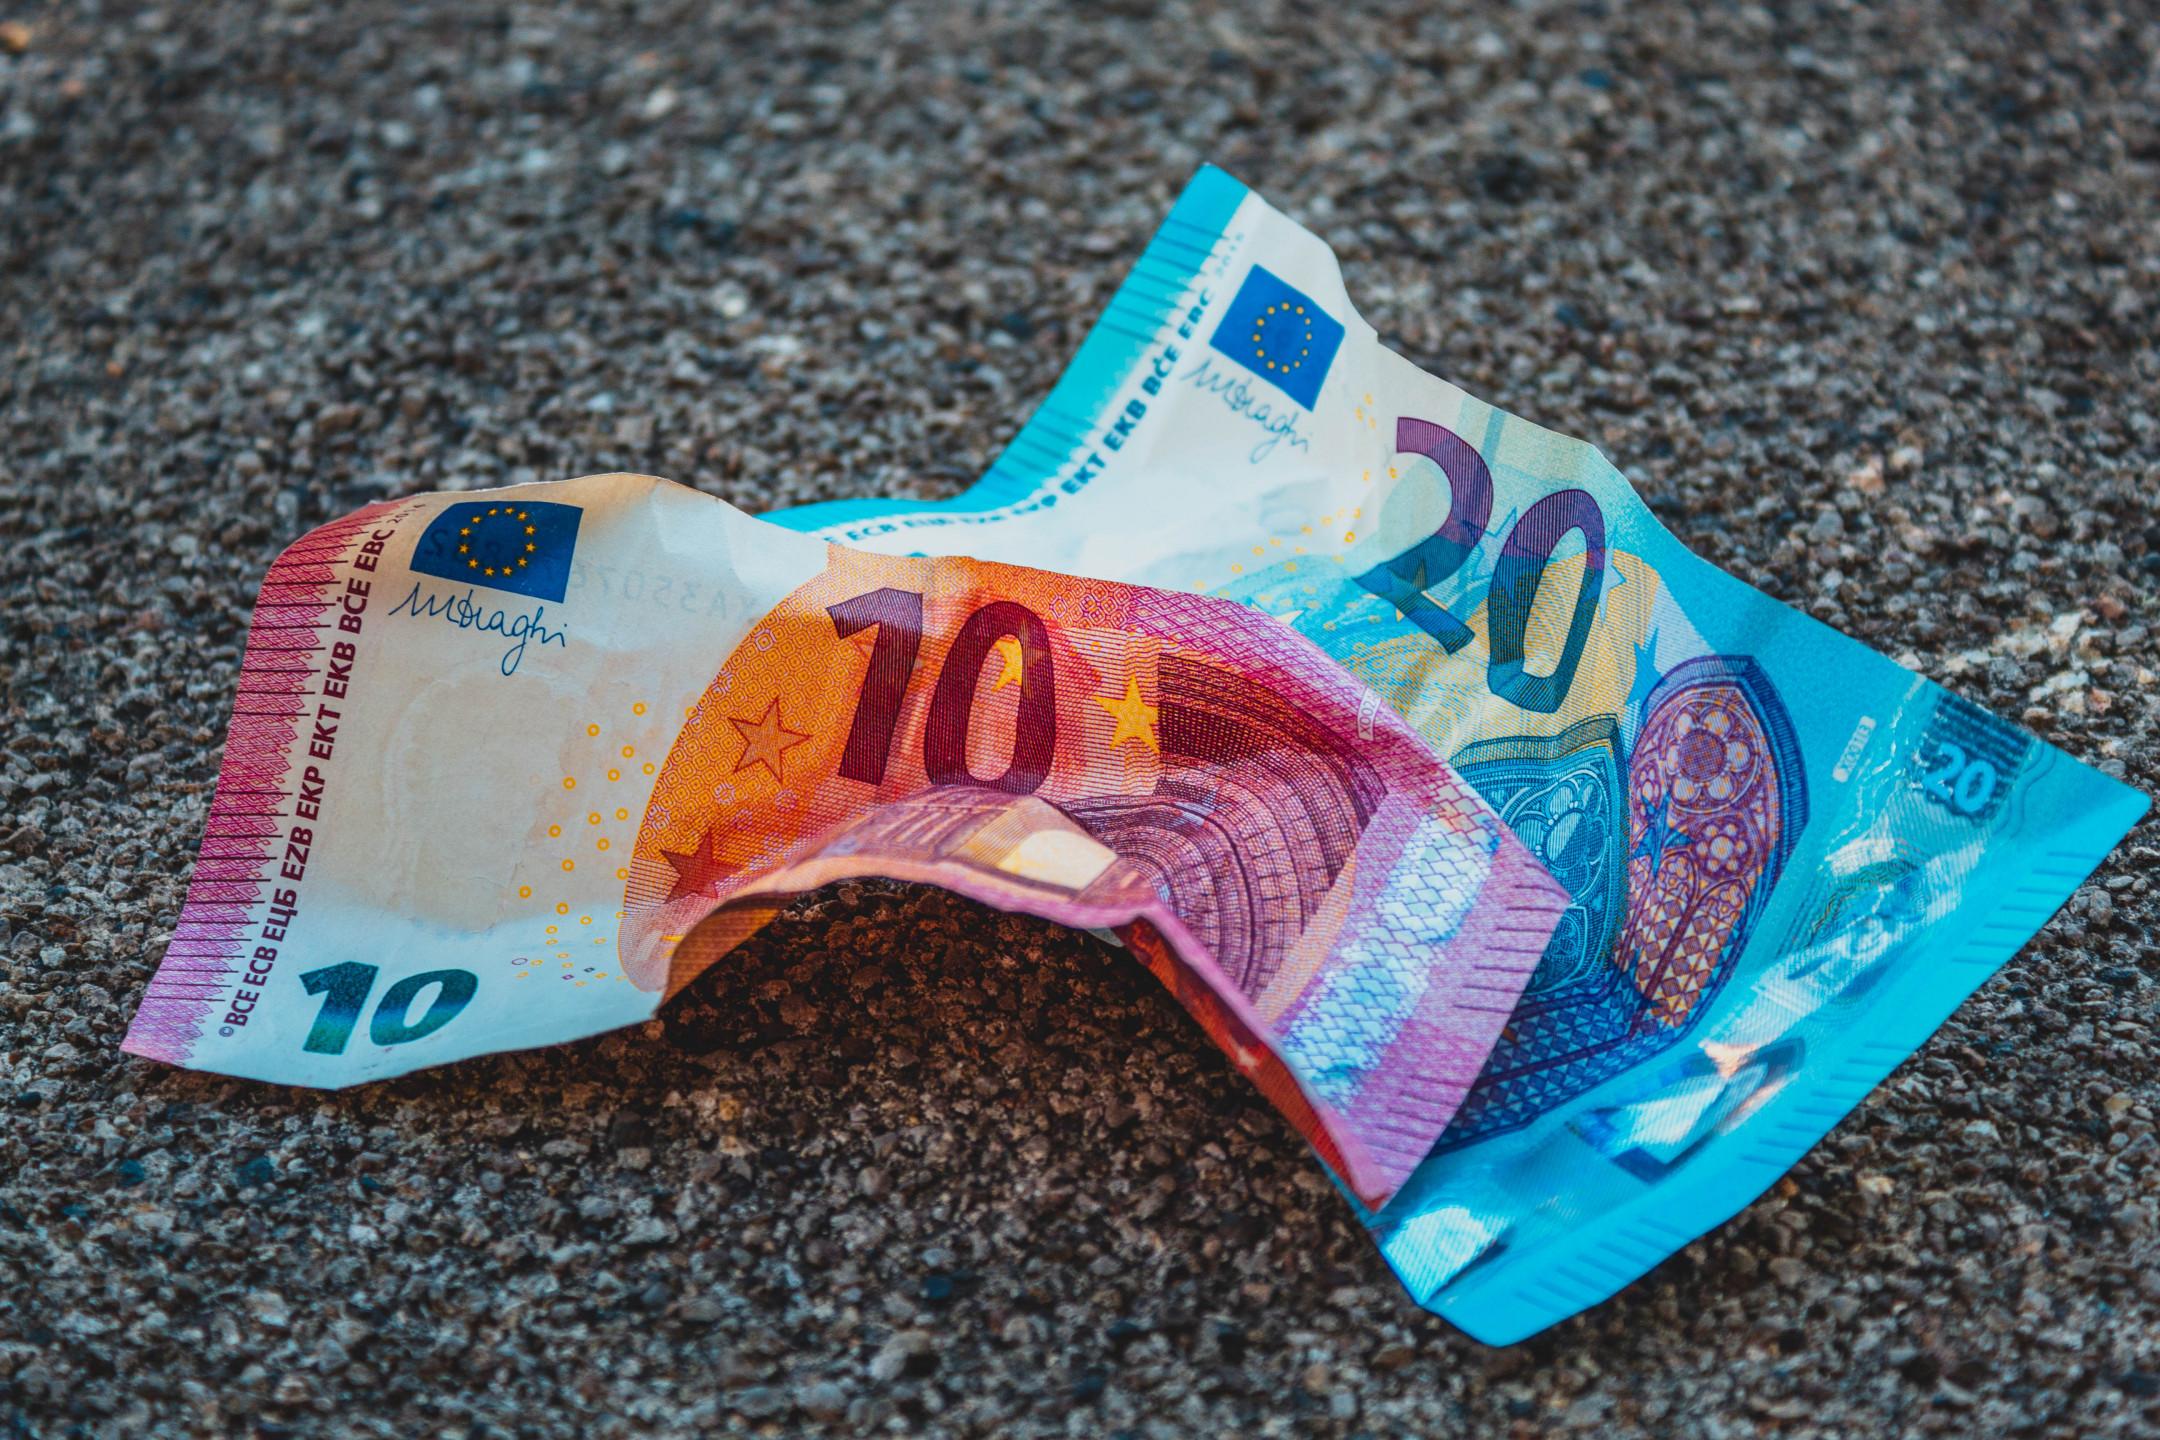 EURUSD analysis - Pair clings to gains around 1.1200